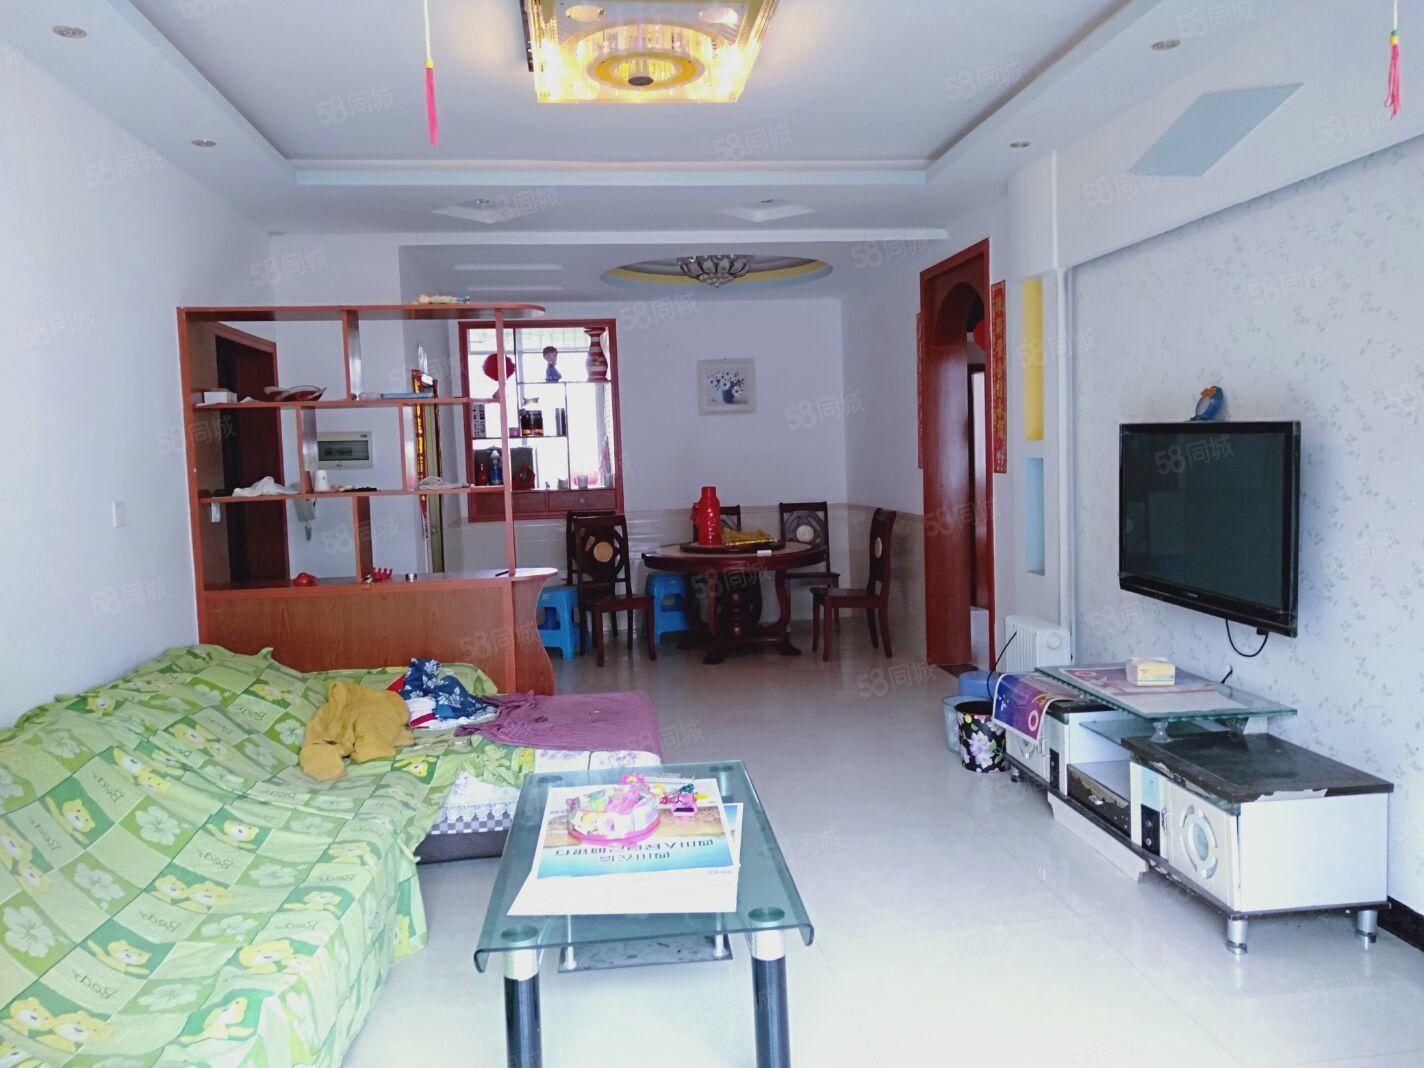 御东名苑4楼2室2厅1卫80平米精装齐全拎包入住